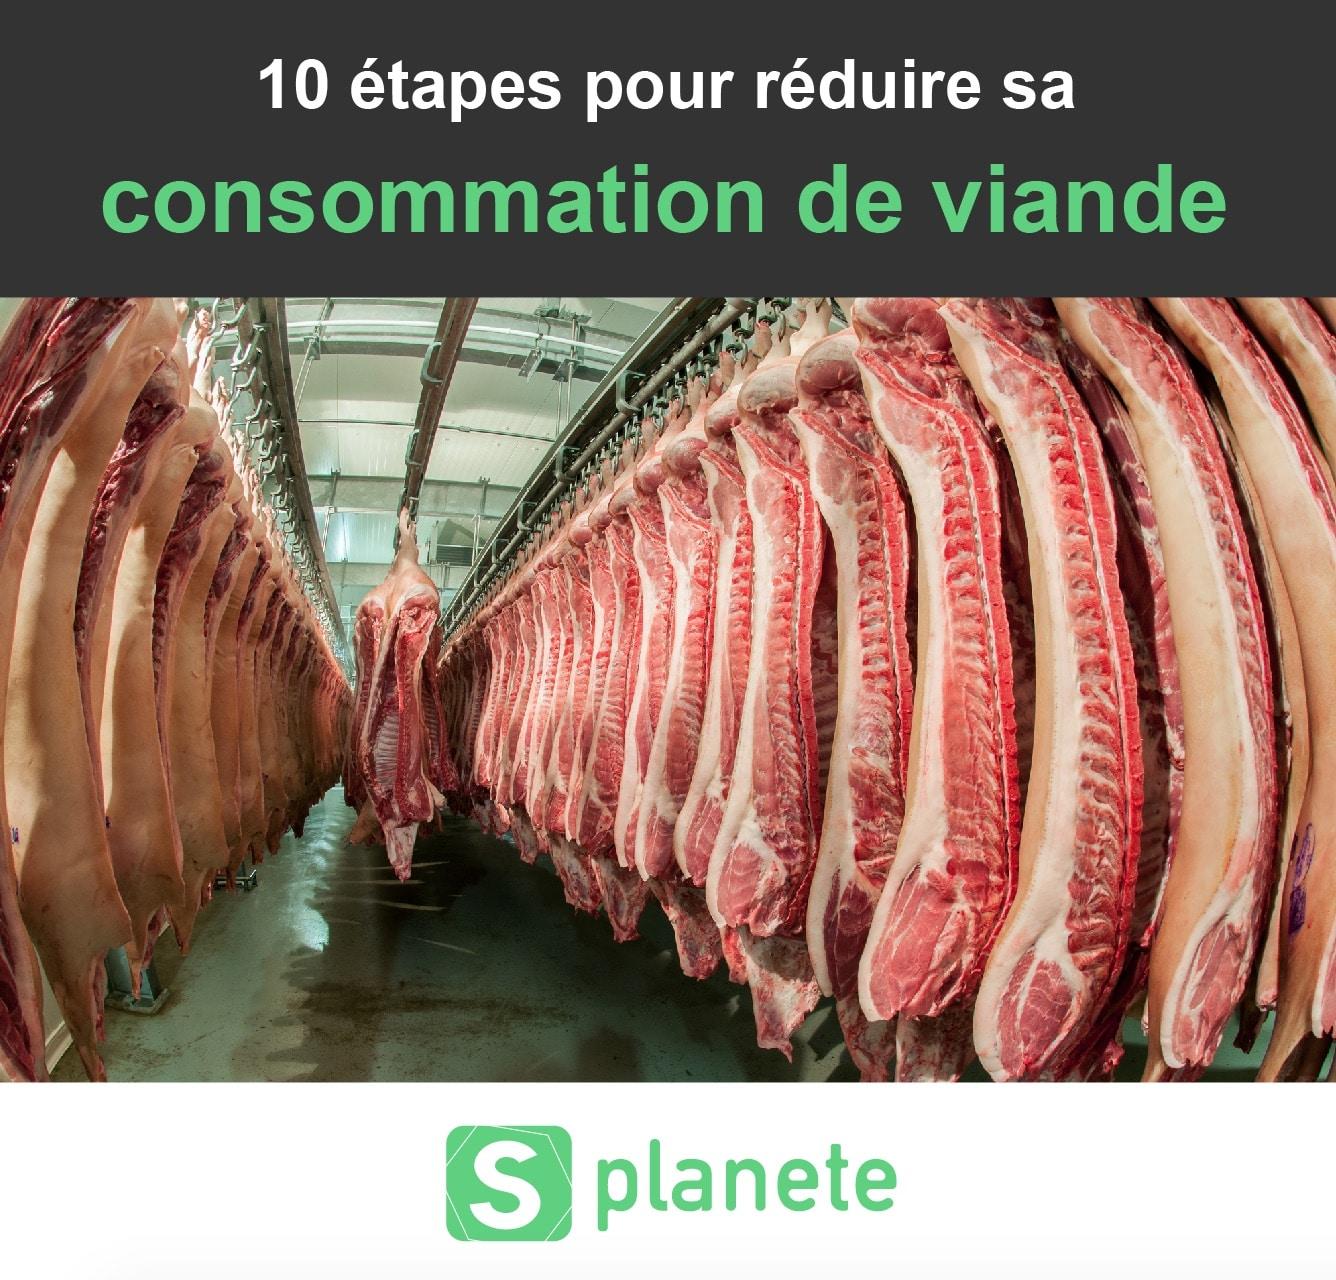 10 étapes pour réduire sa consommation de viande